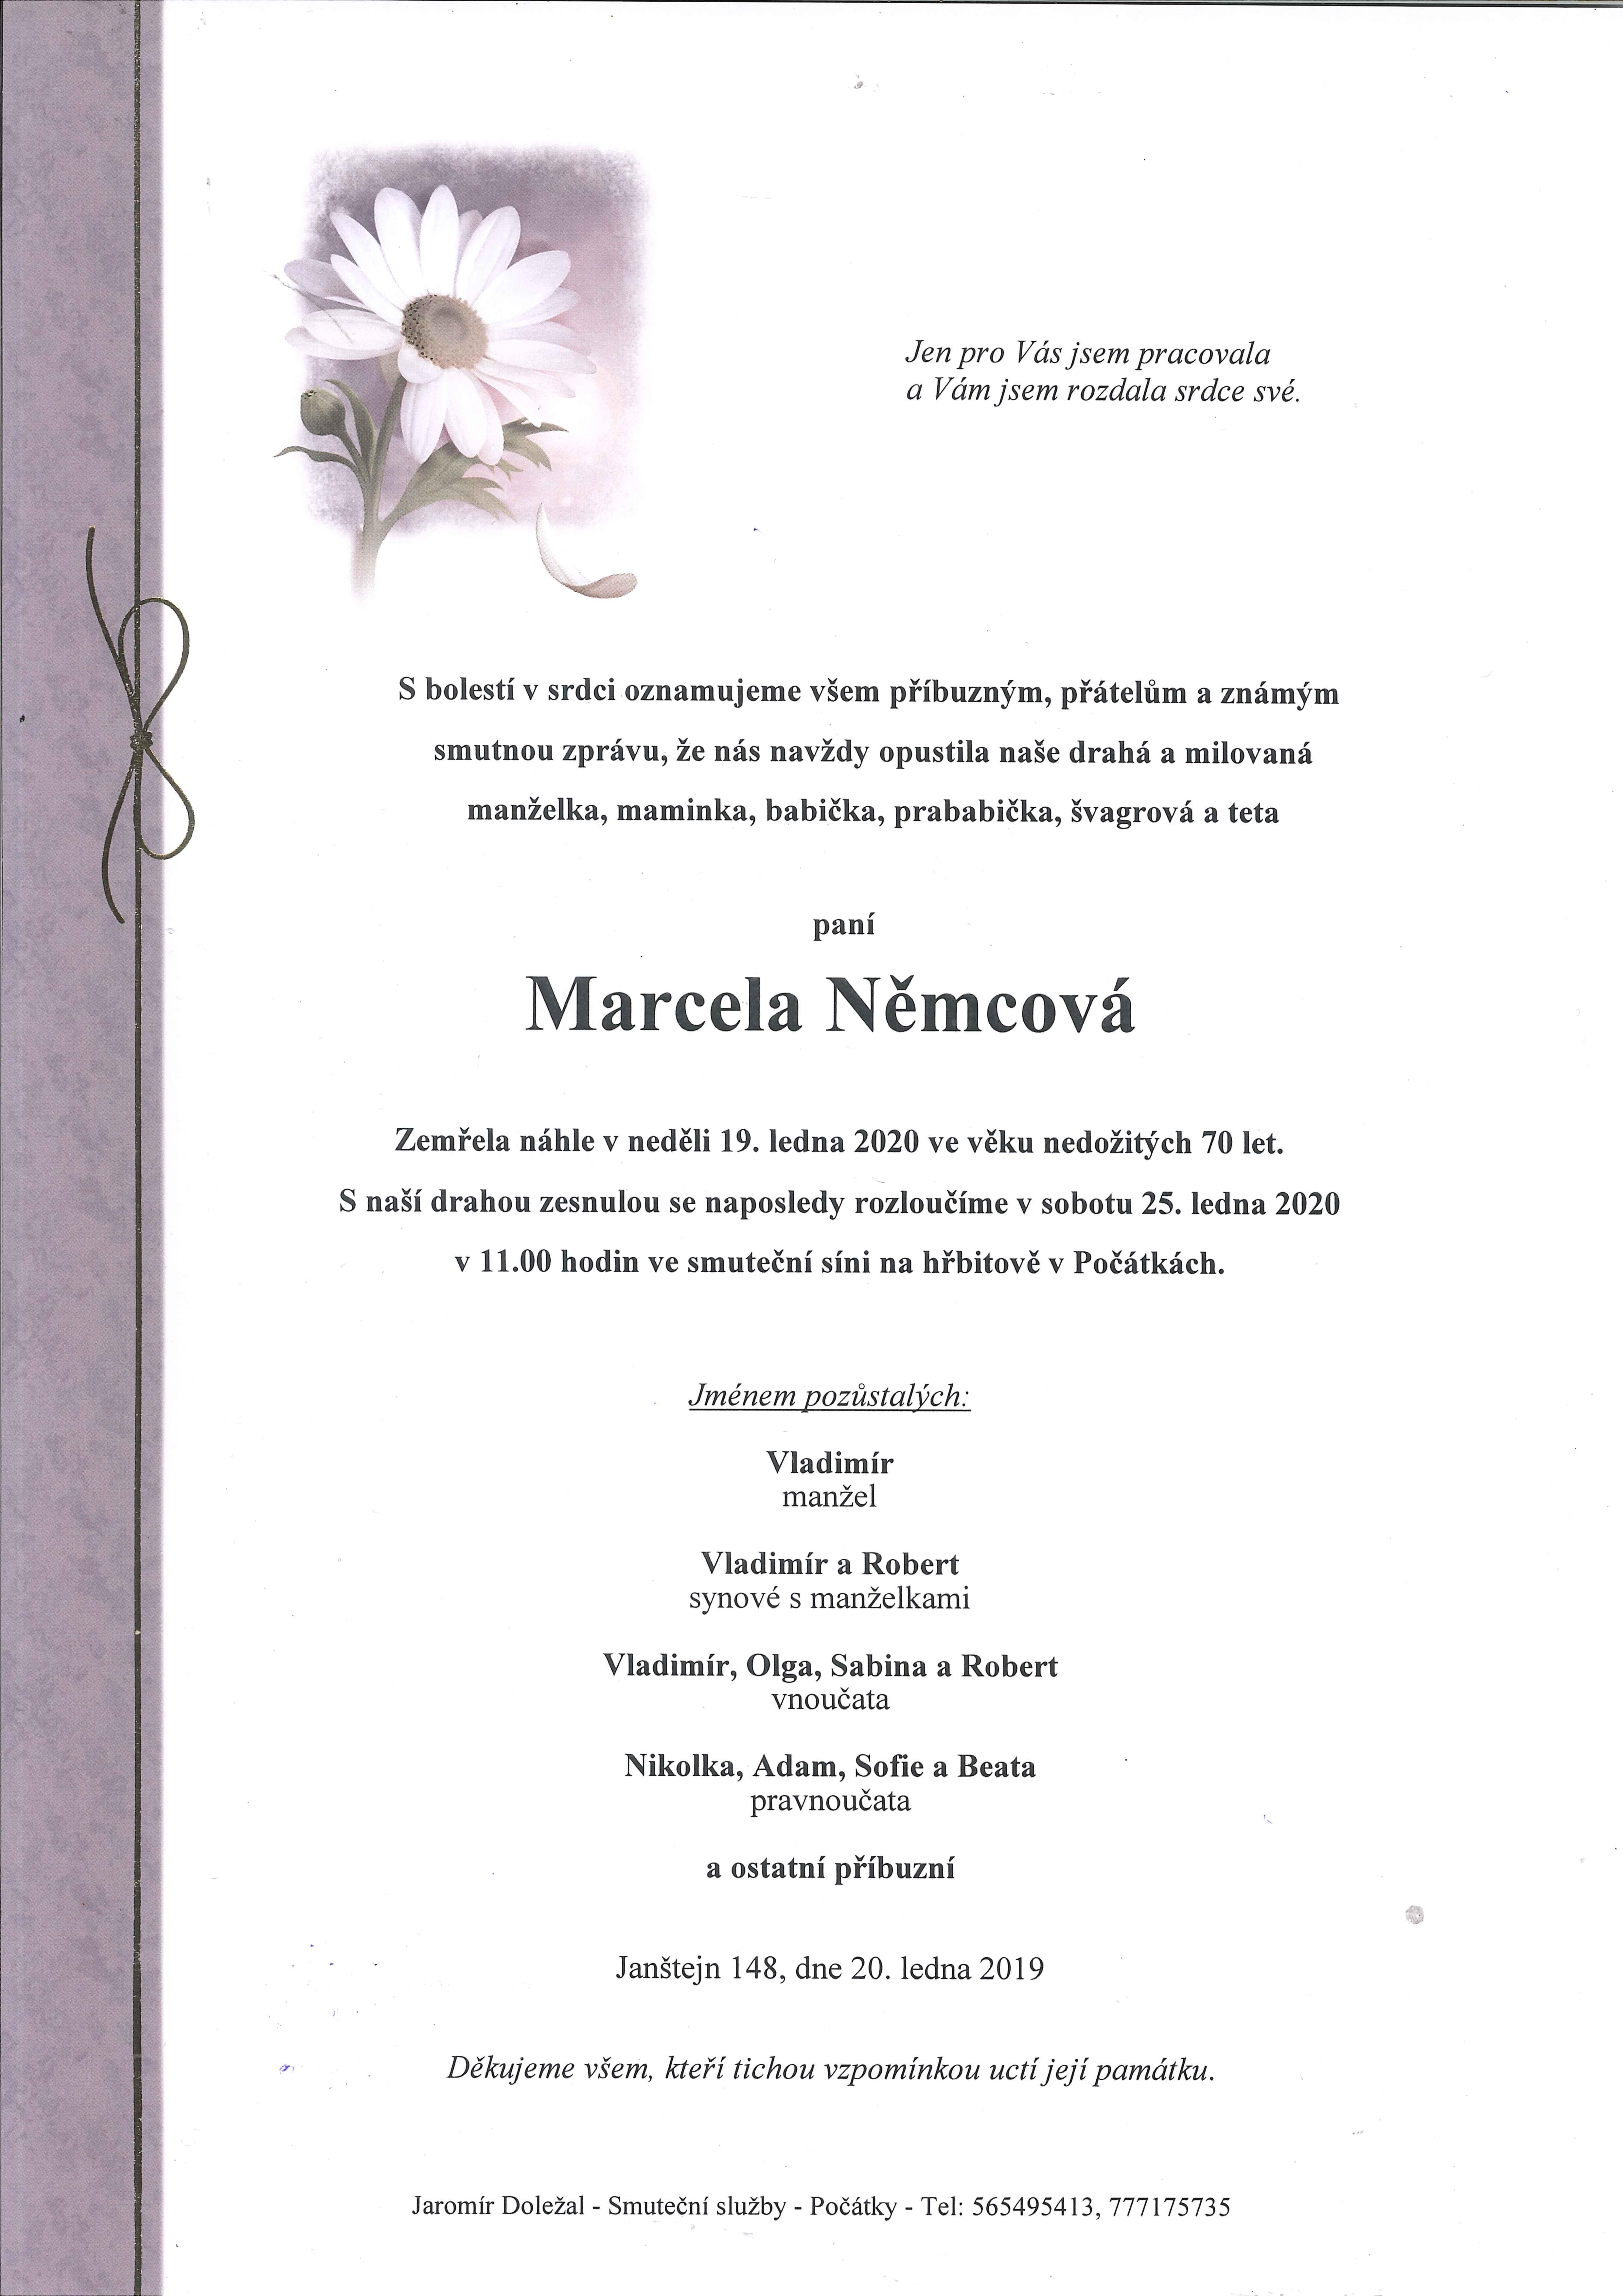 Marcela Němcová